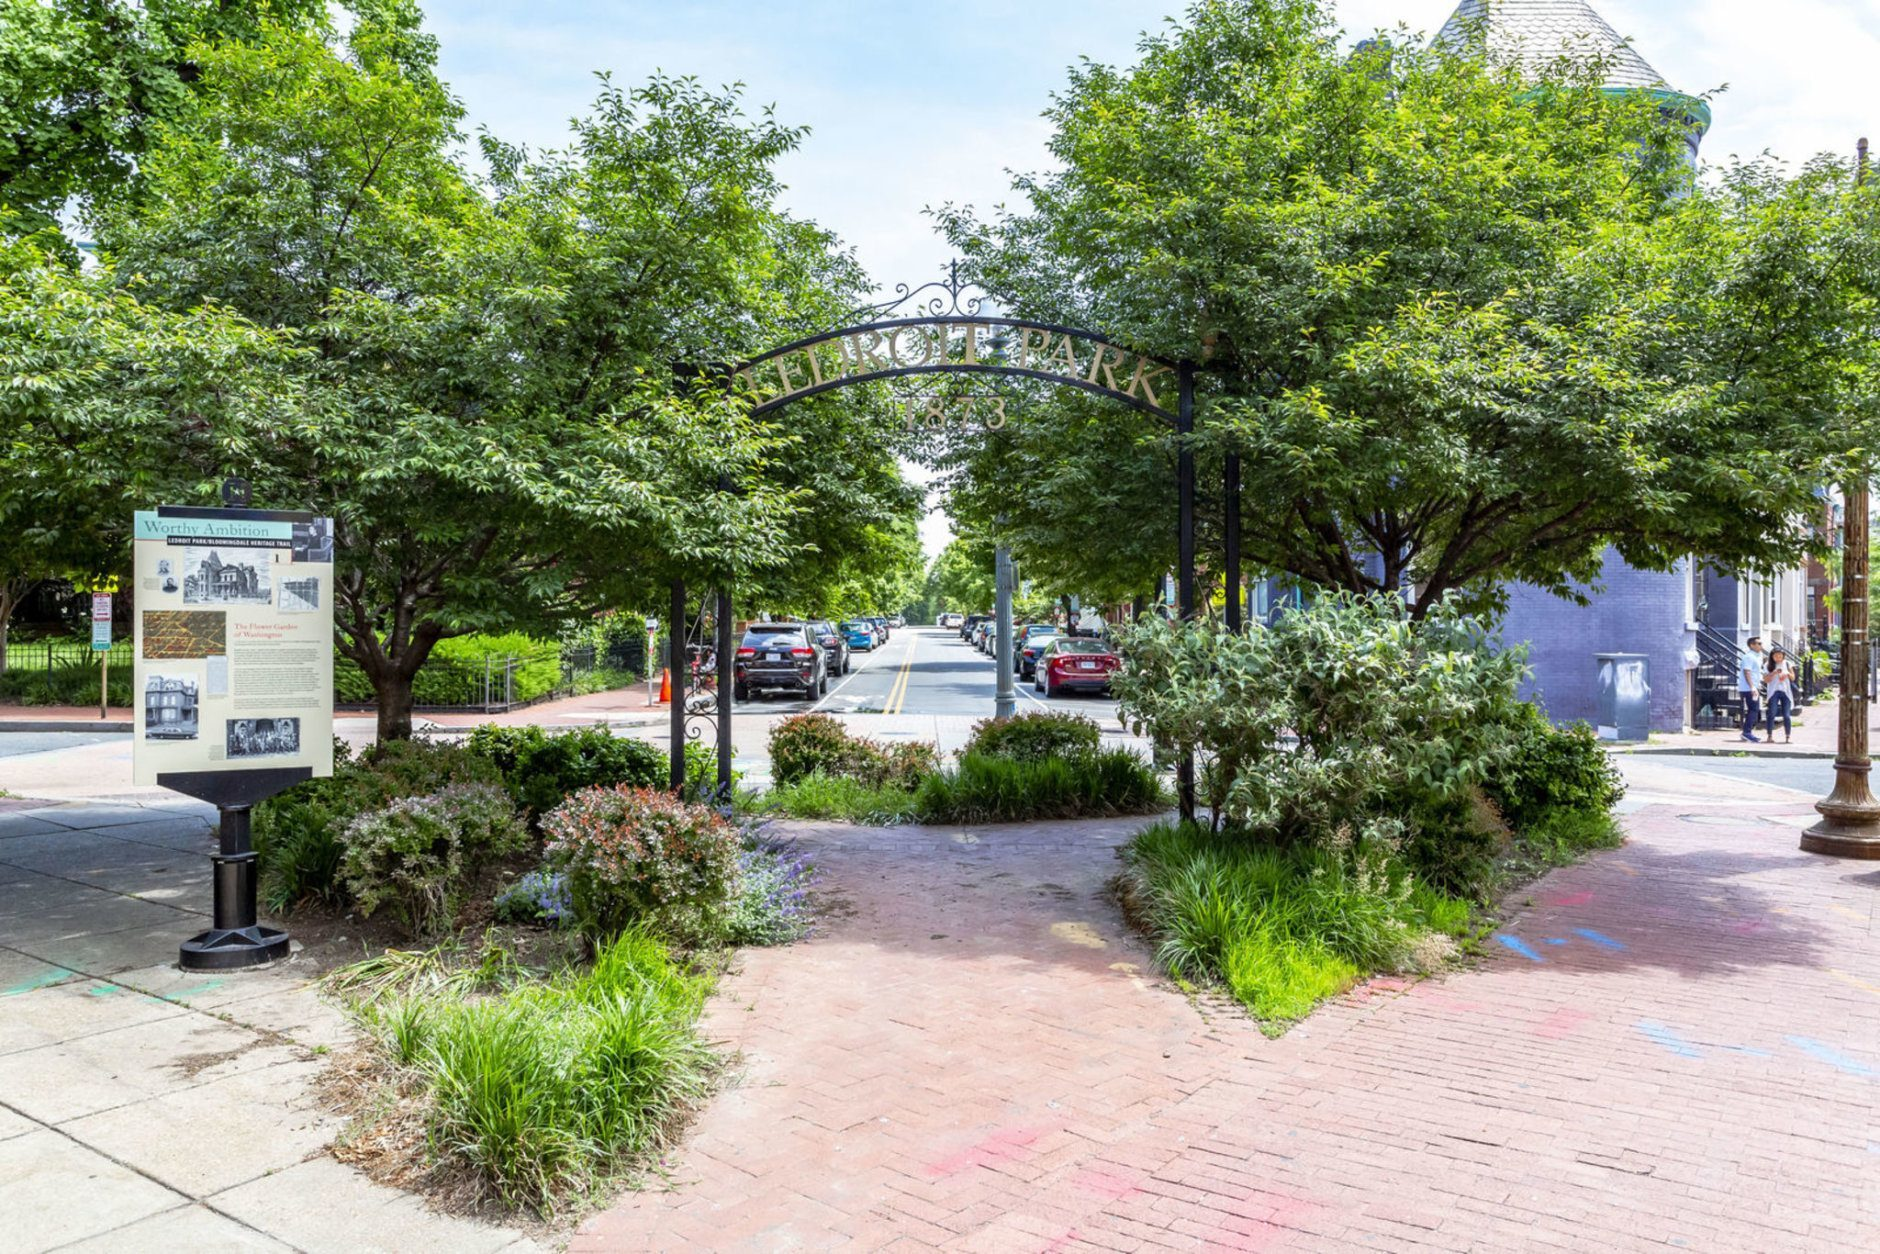 Duke Ellington's former childhood home sits in LeDroit Park. (Courtesy BTW Images)